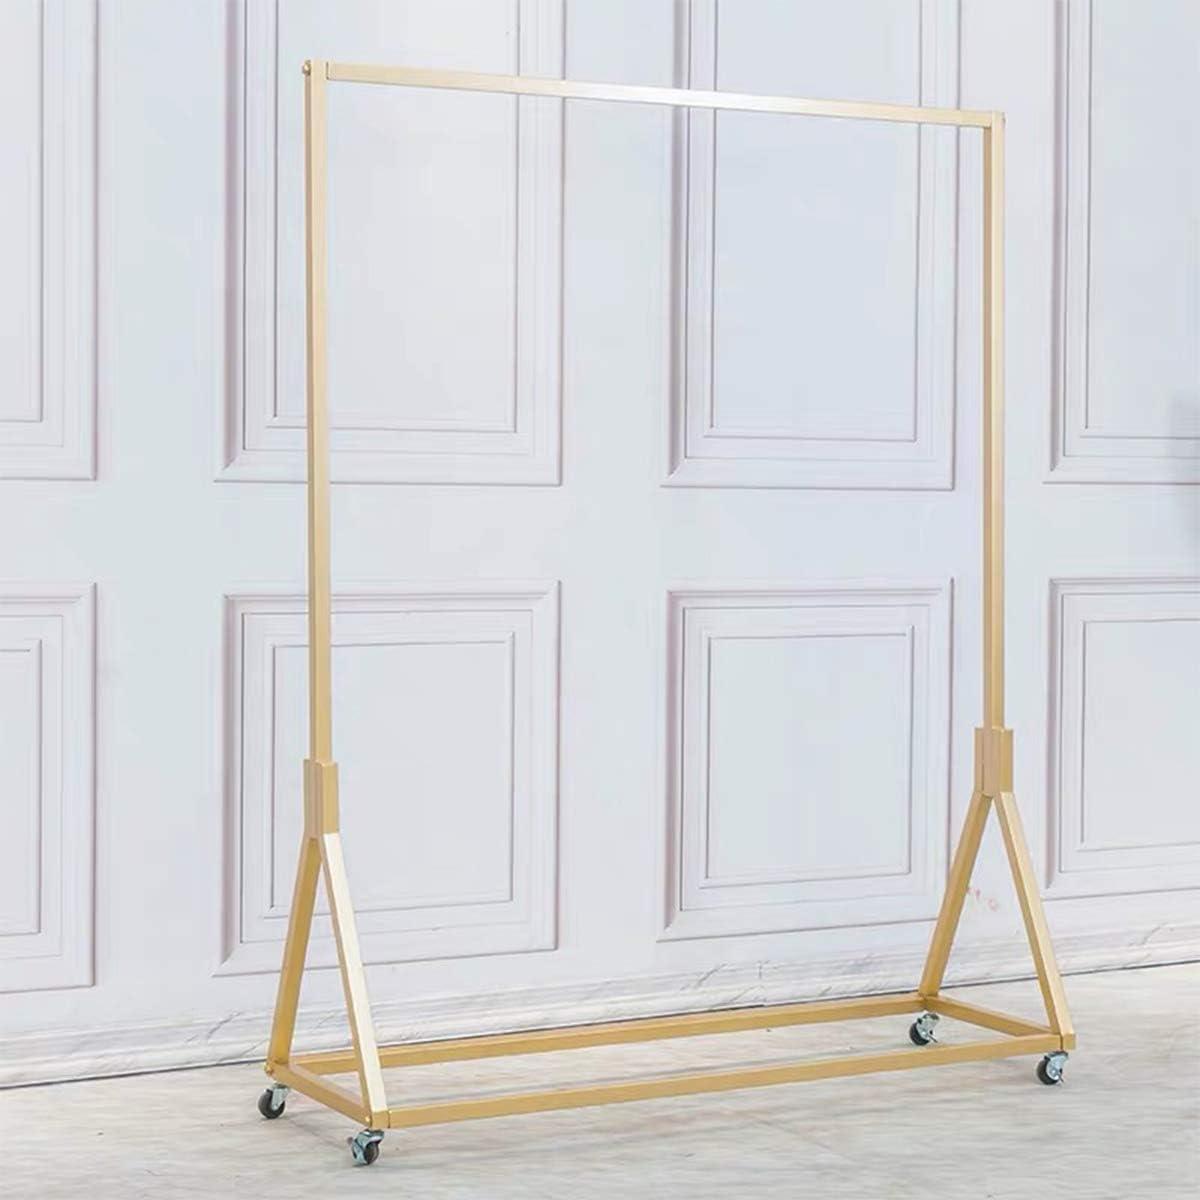 FURVOKIA Modernes schweres Metall-Rollkleidungsgestell mit Rad einfaches bodenst/ändige Kleiderb/ügel aus Eisen Gold Square Tube B, 47,2 l Einzelhandels-Kleiderst/änder mit Holz